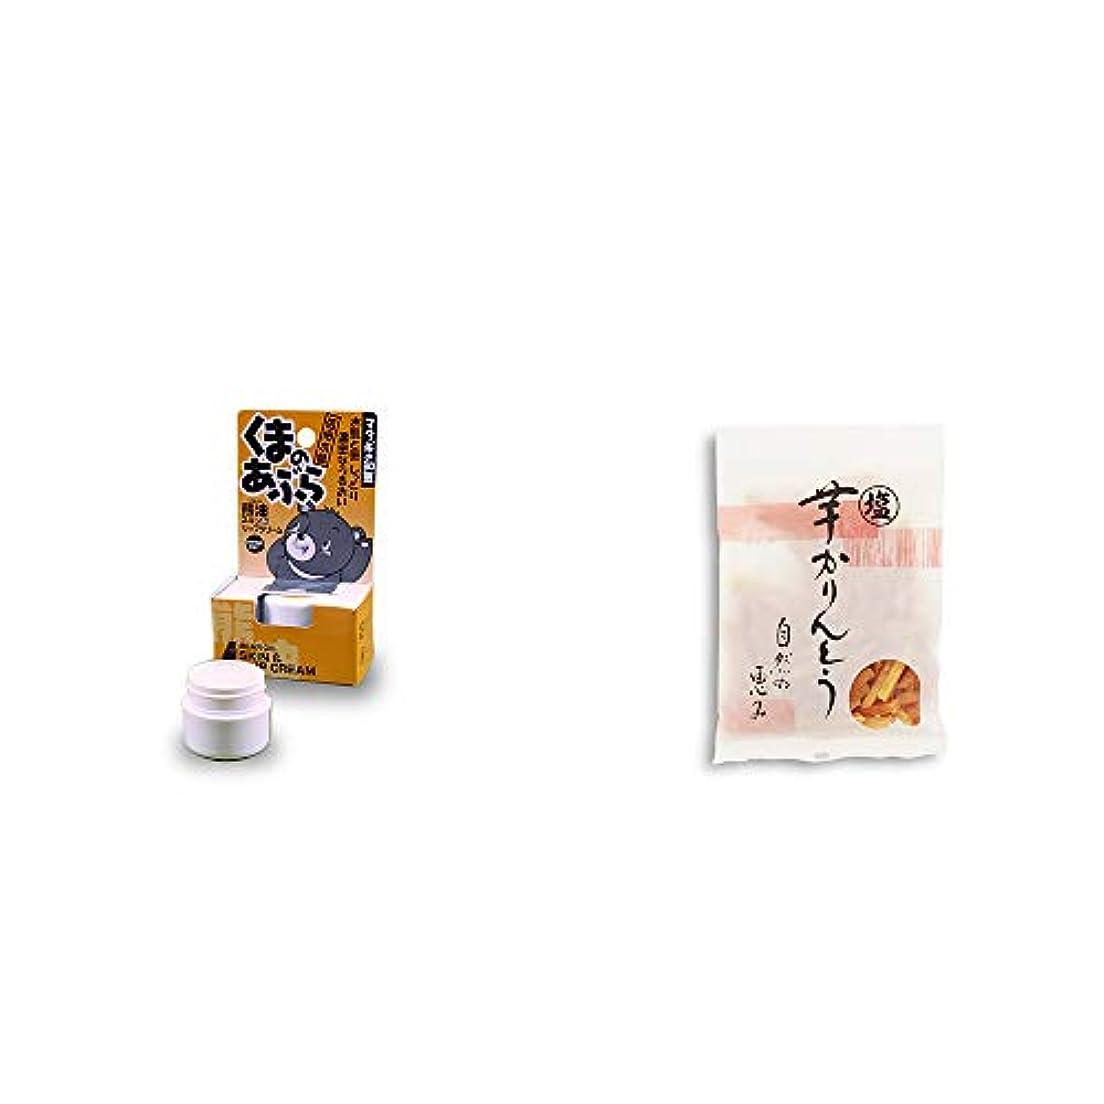 阻害する満足常識[2点セット] 信州木曽 くまのあぶら 熊油スキン&リップクリーム(9g)?塩芋かりんとう(150g)